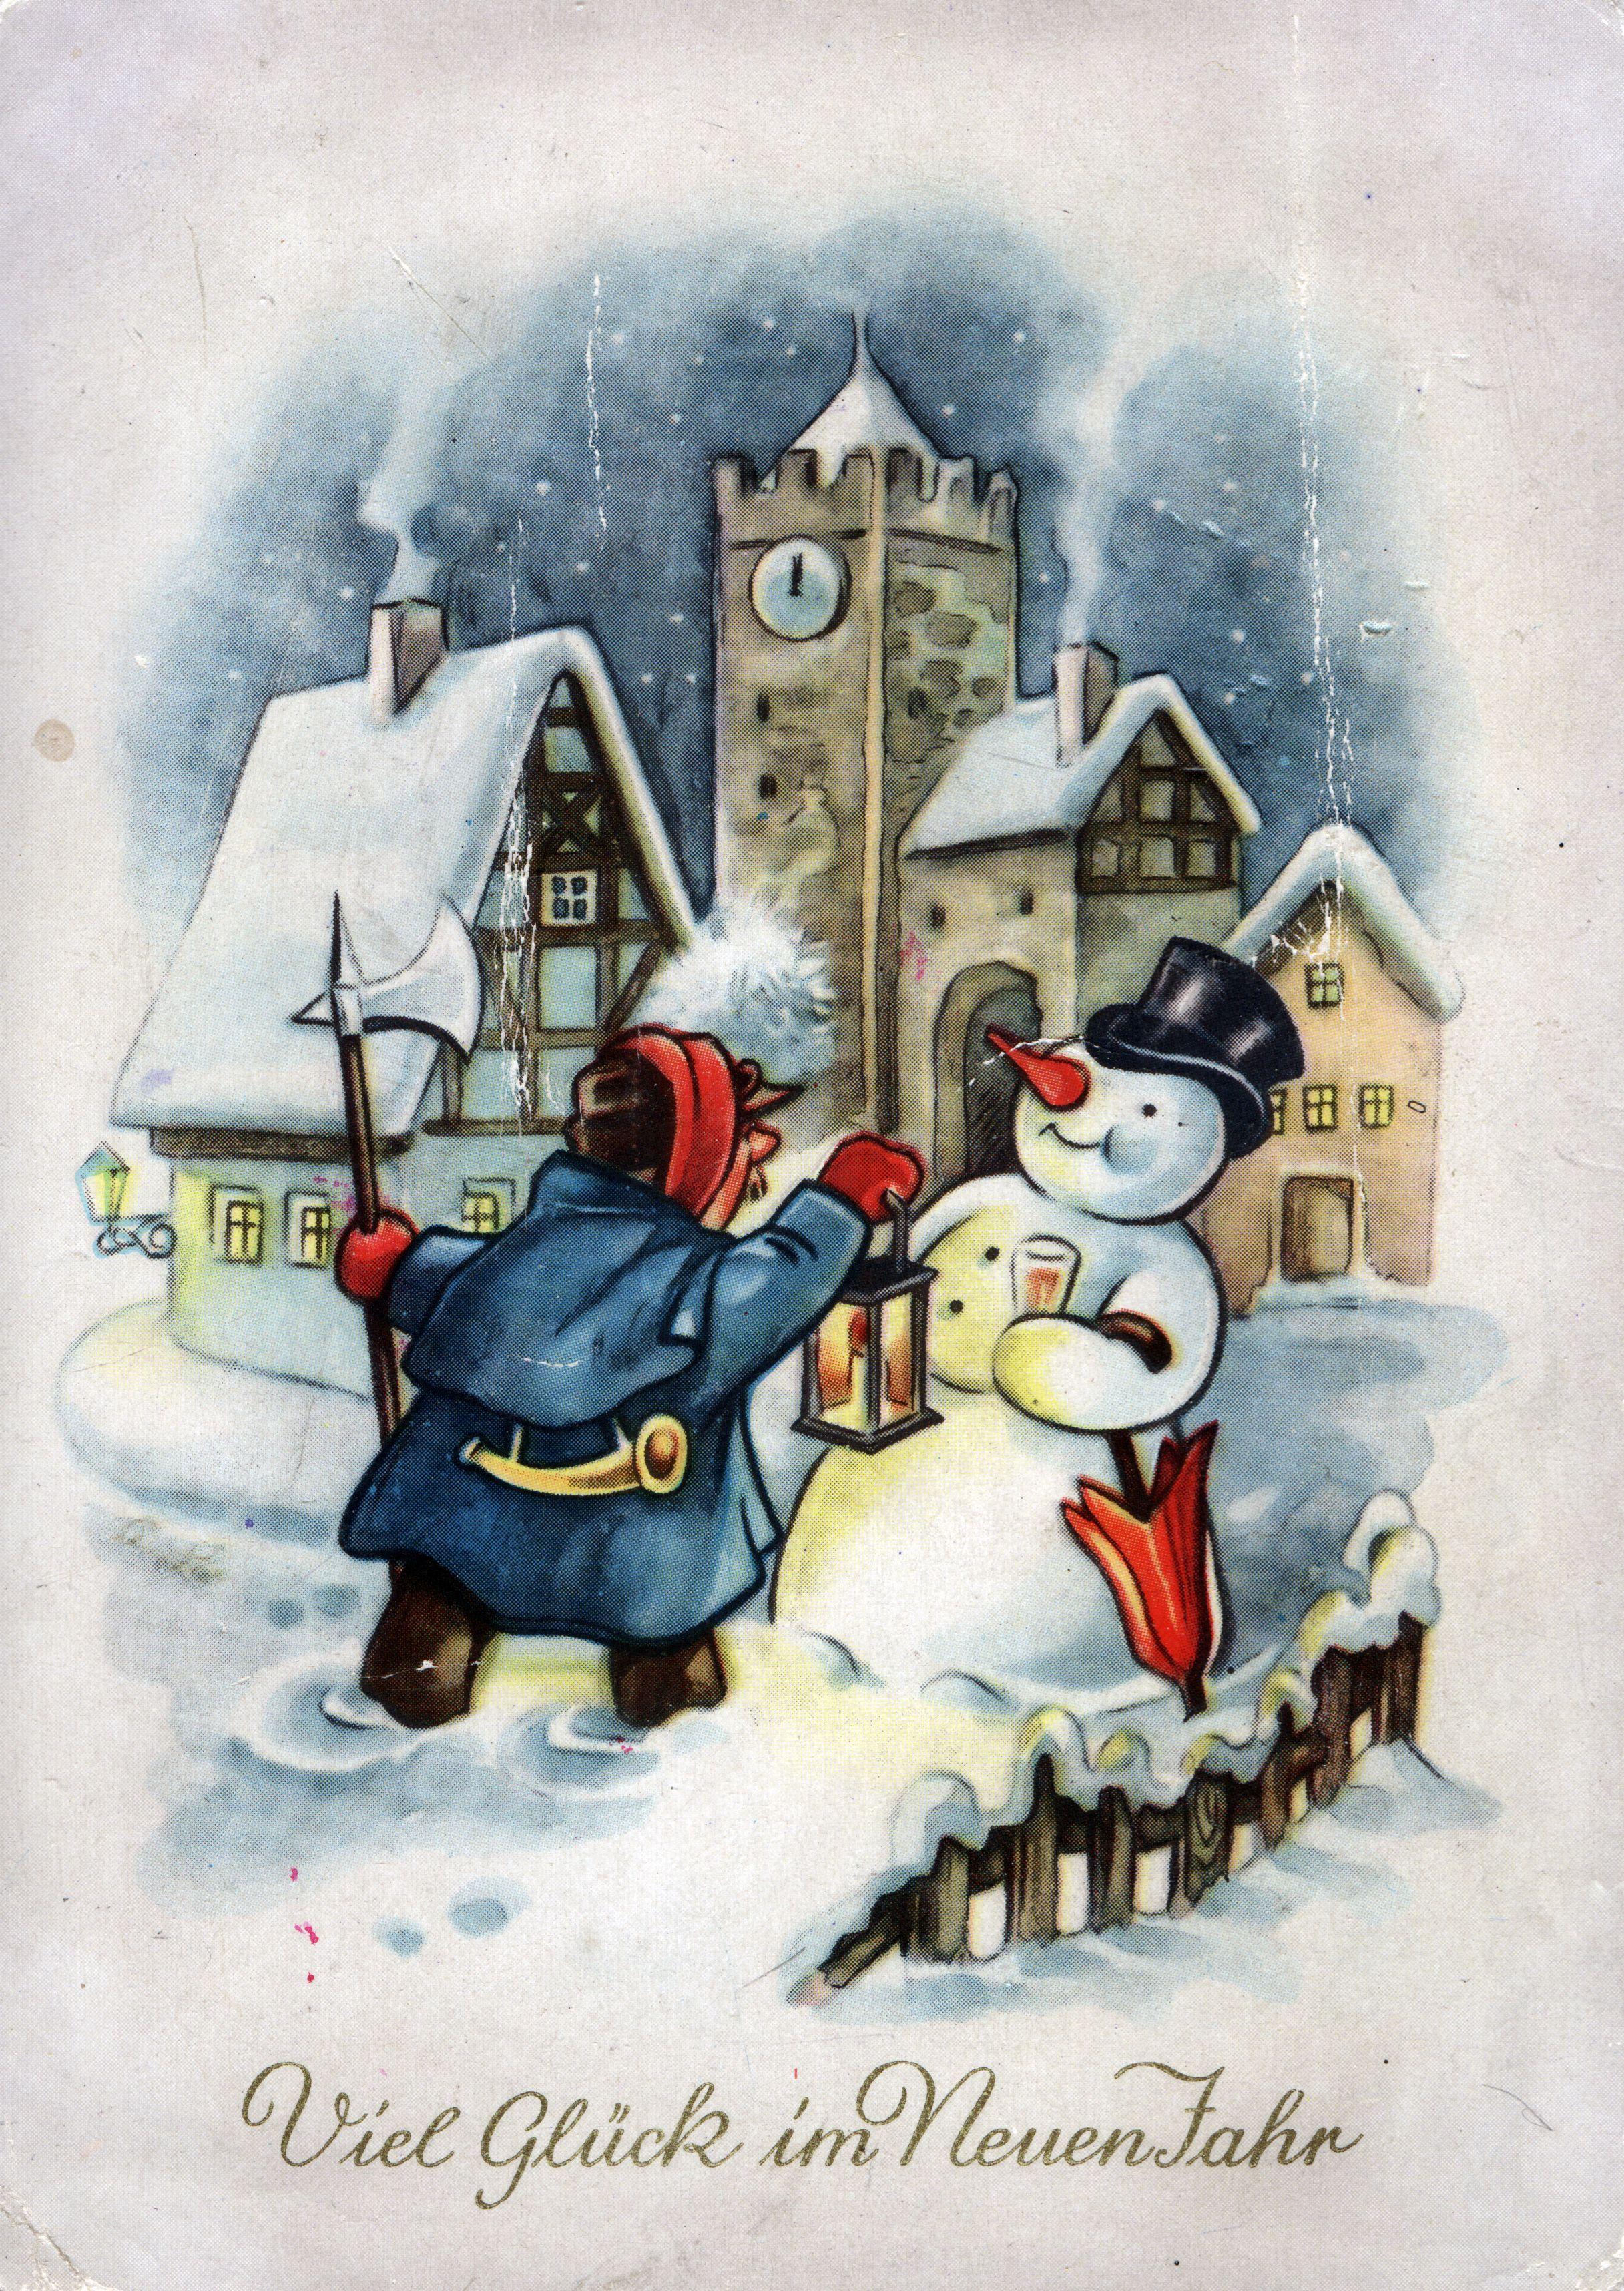 красивые открытки на немецком с новым годом всего, определите, каких